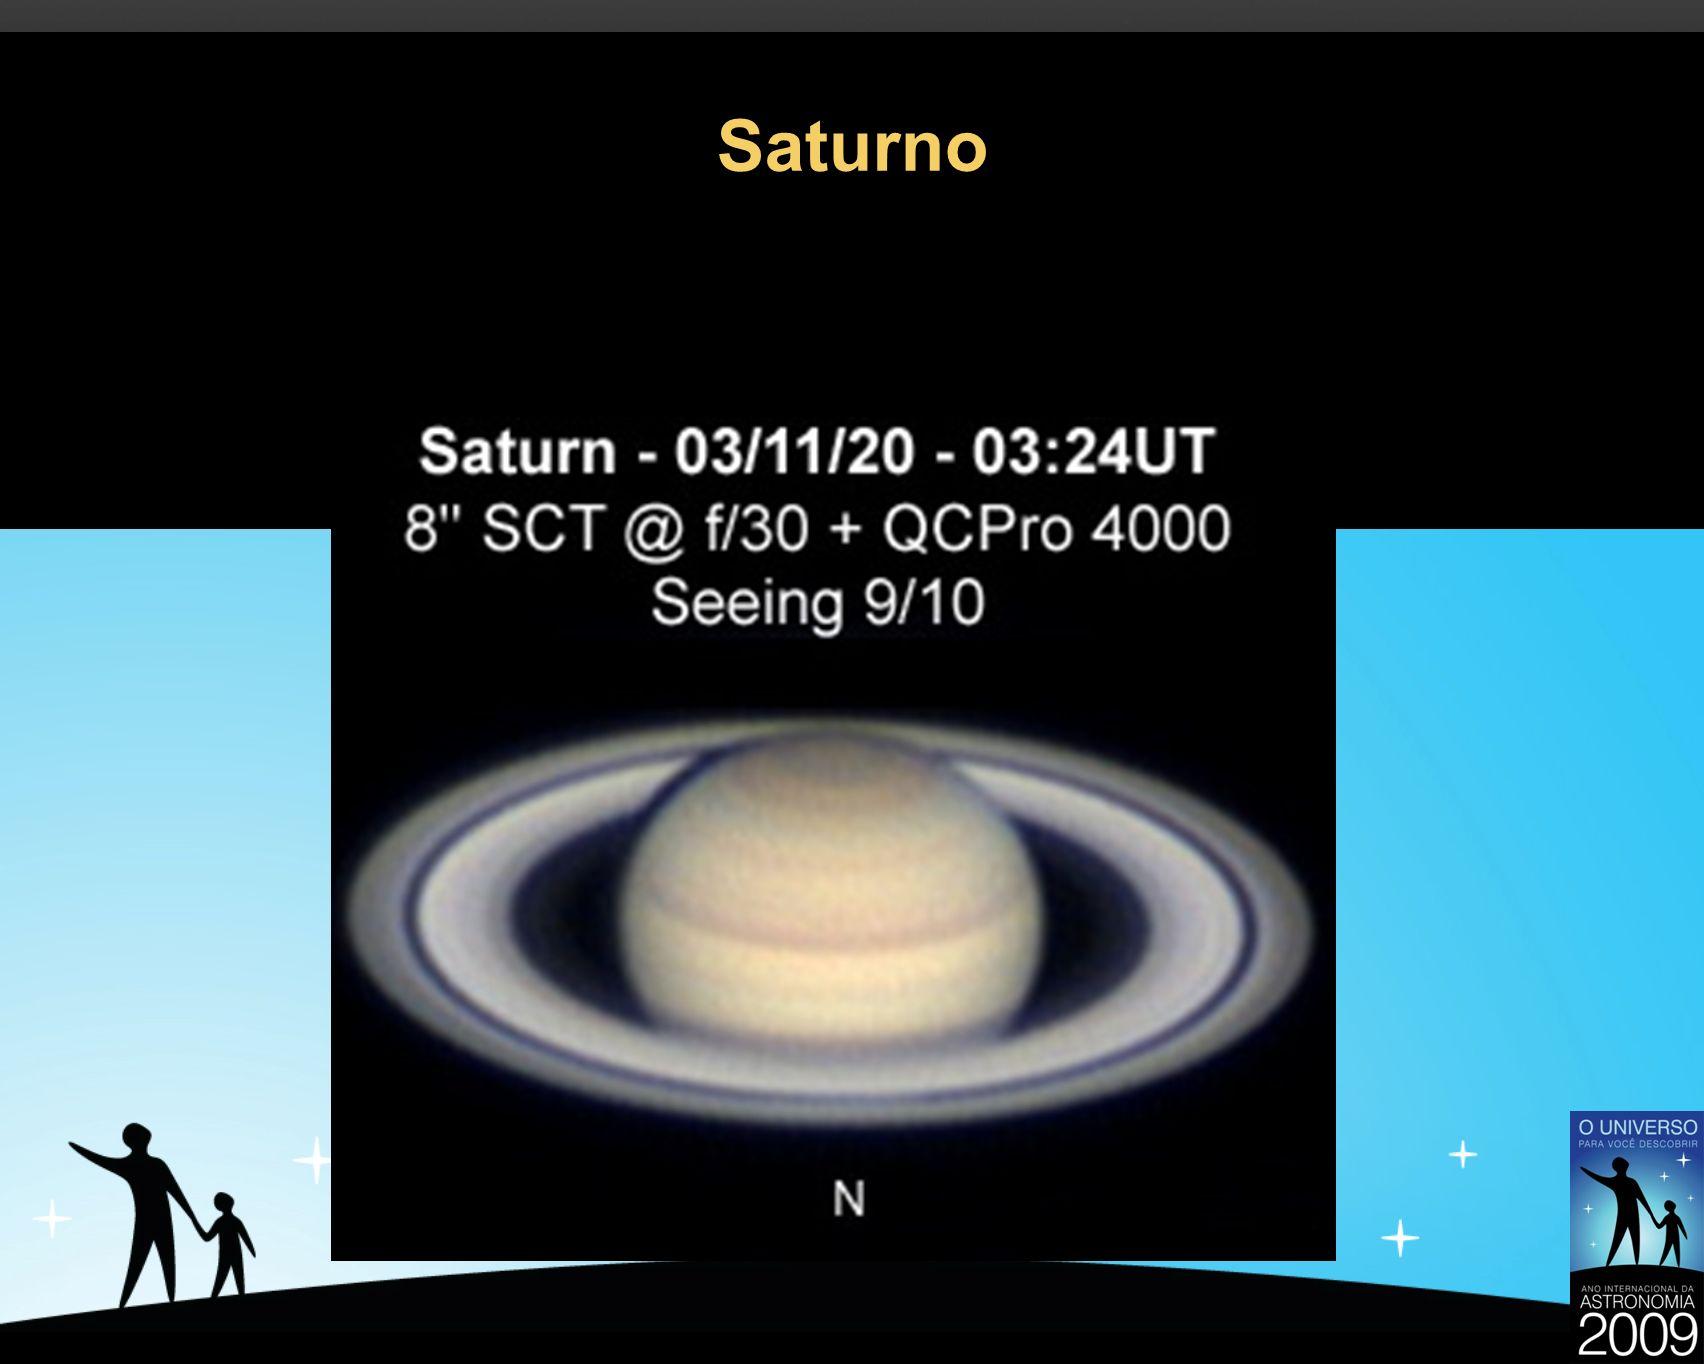 Saturno 35